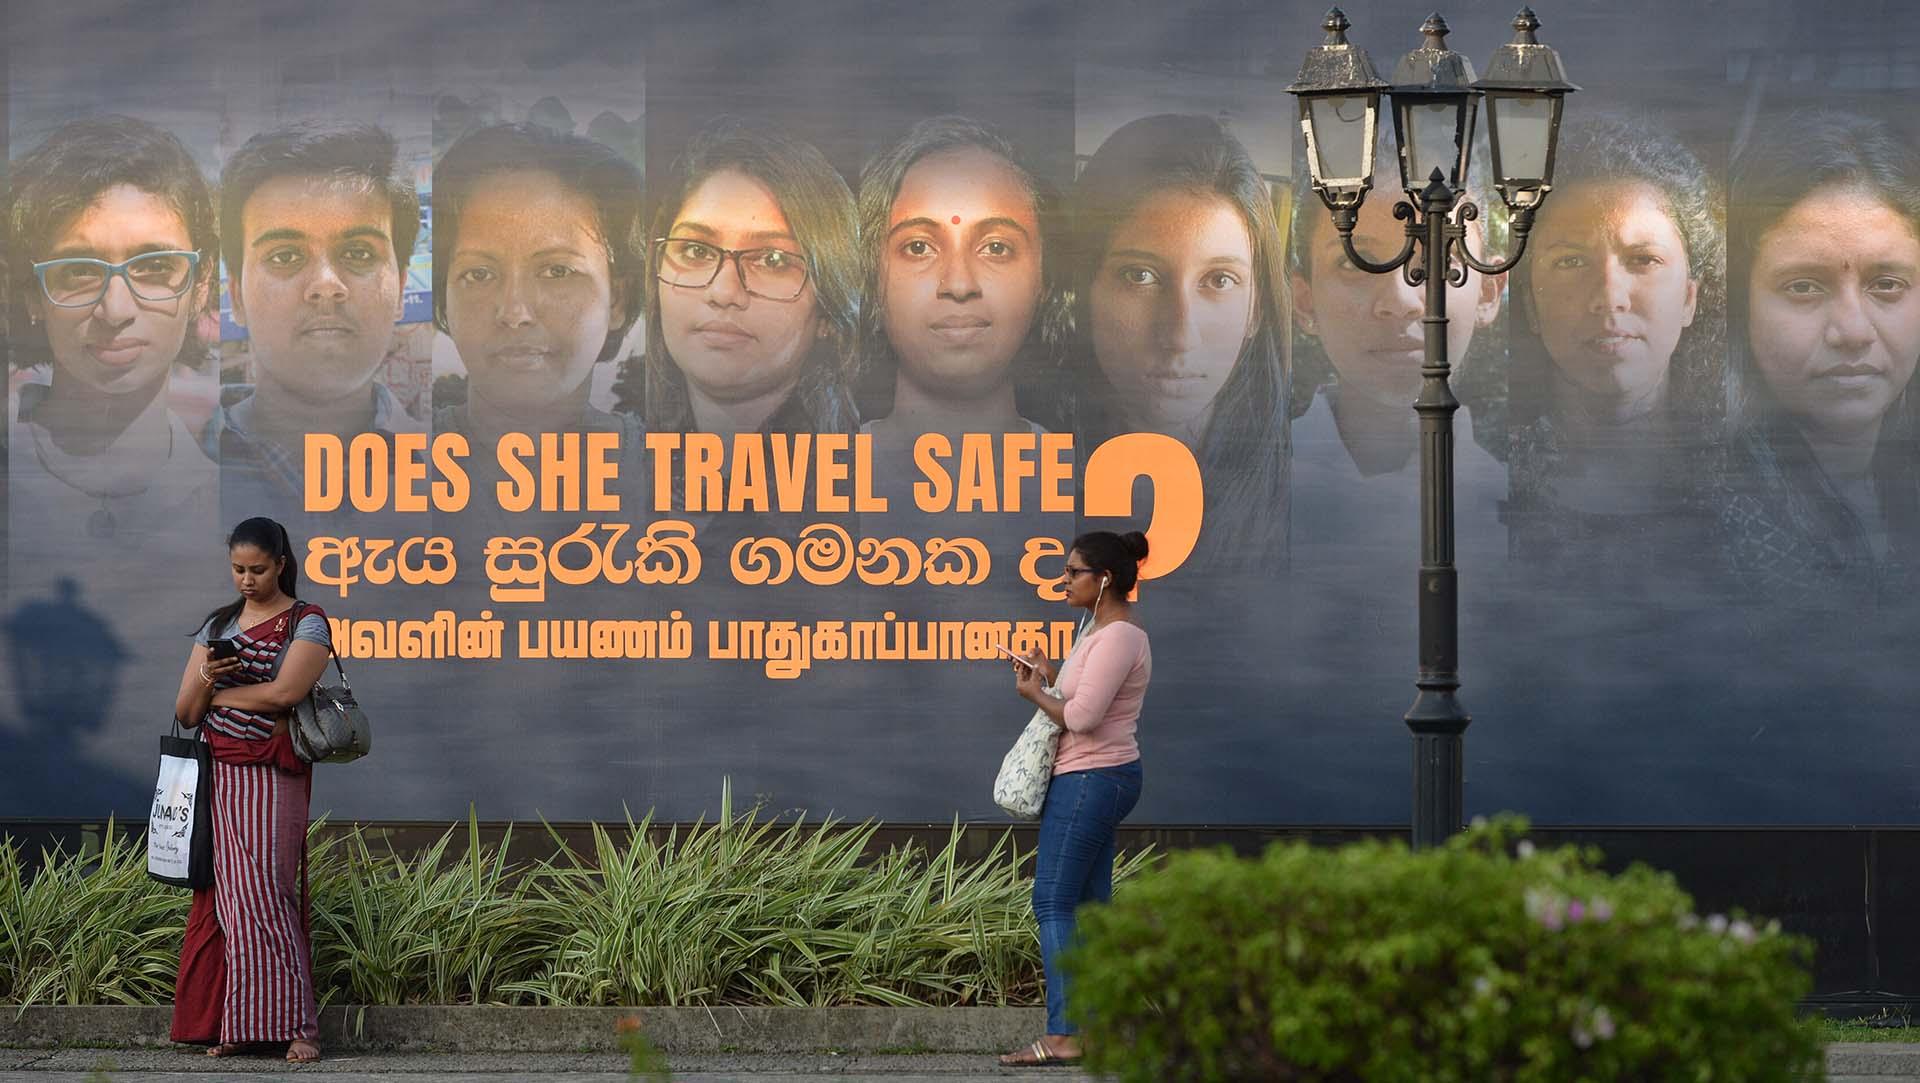 Mujeres ante un cartel por el Día Internacional de la Mujer en Colombo, Sri Lanka (Photo by ISHARA S. KODIKARA / AFP)